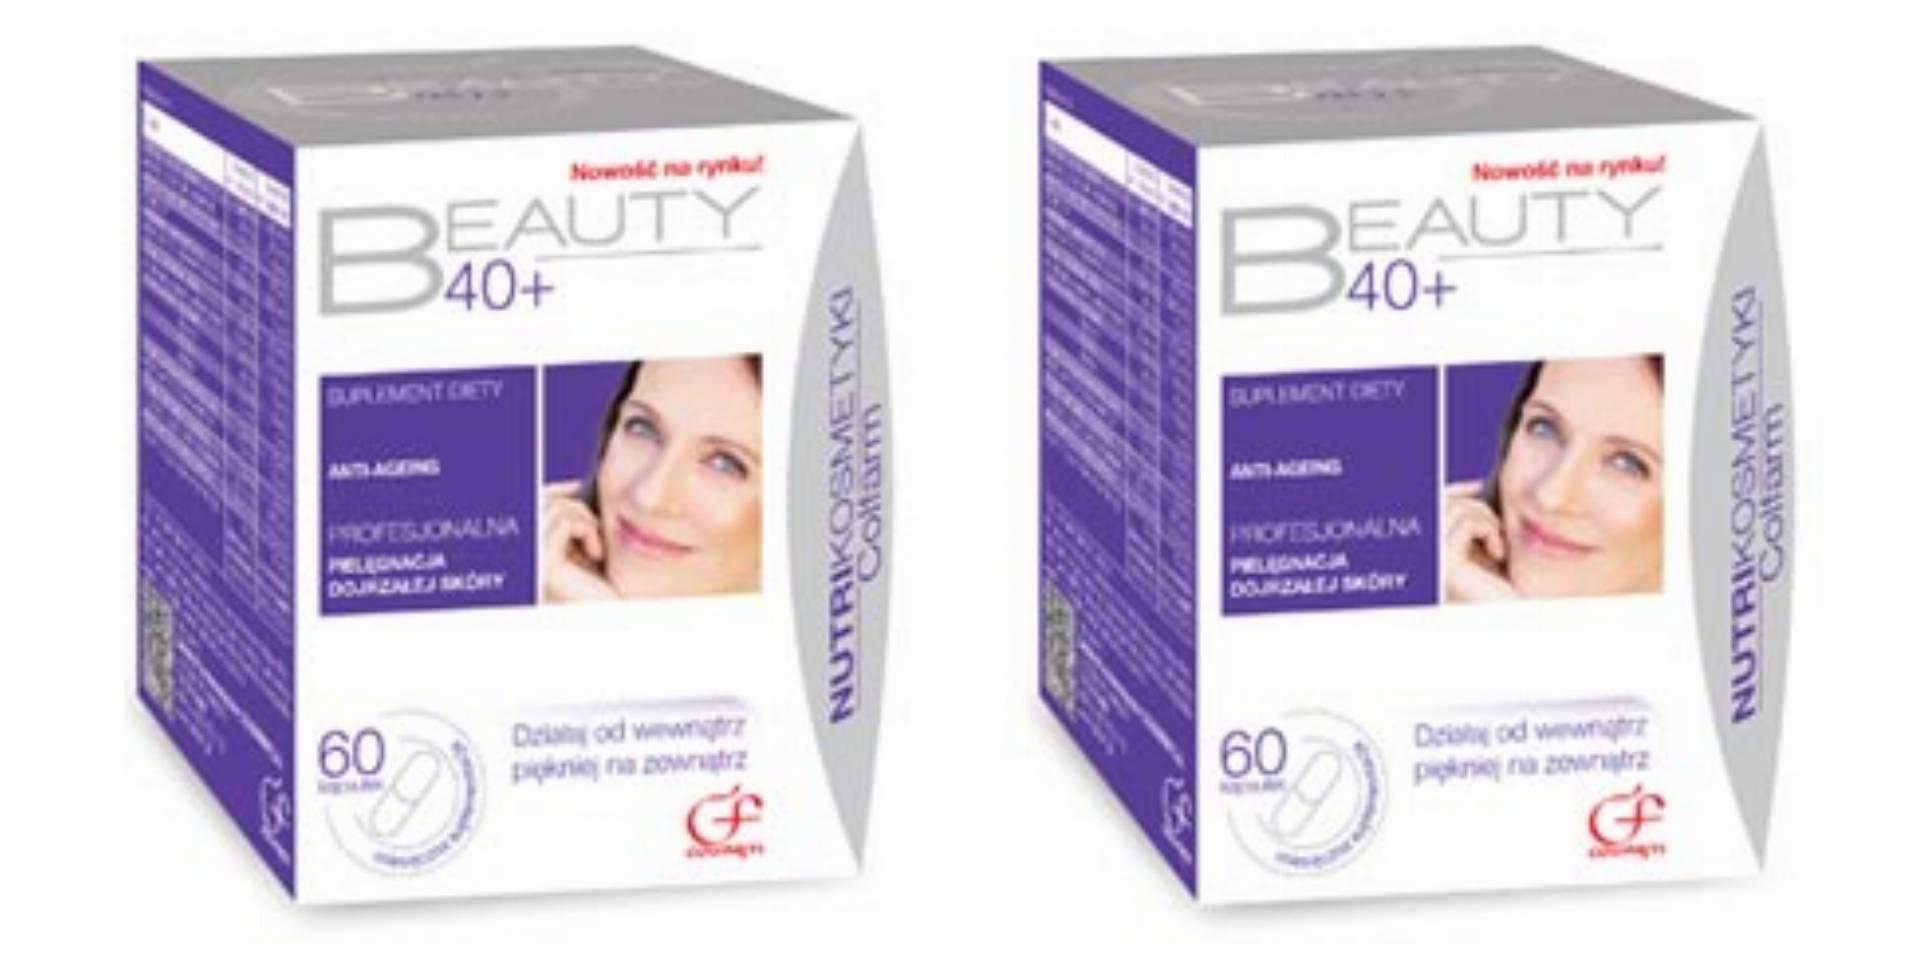 Beauty 40+ Colfarm